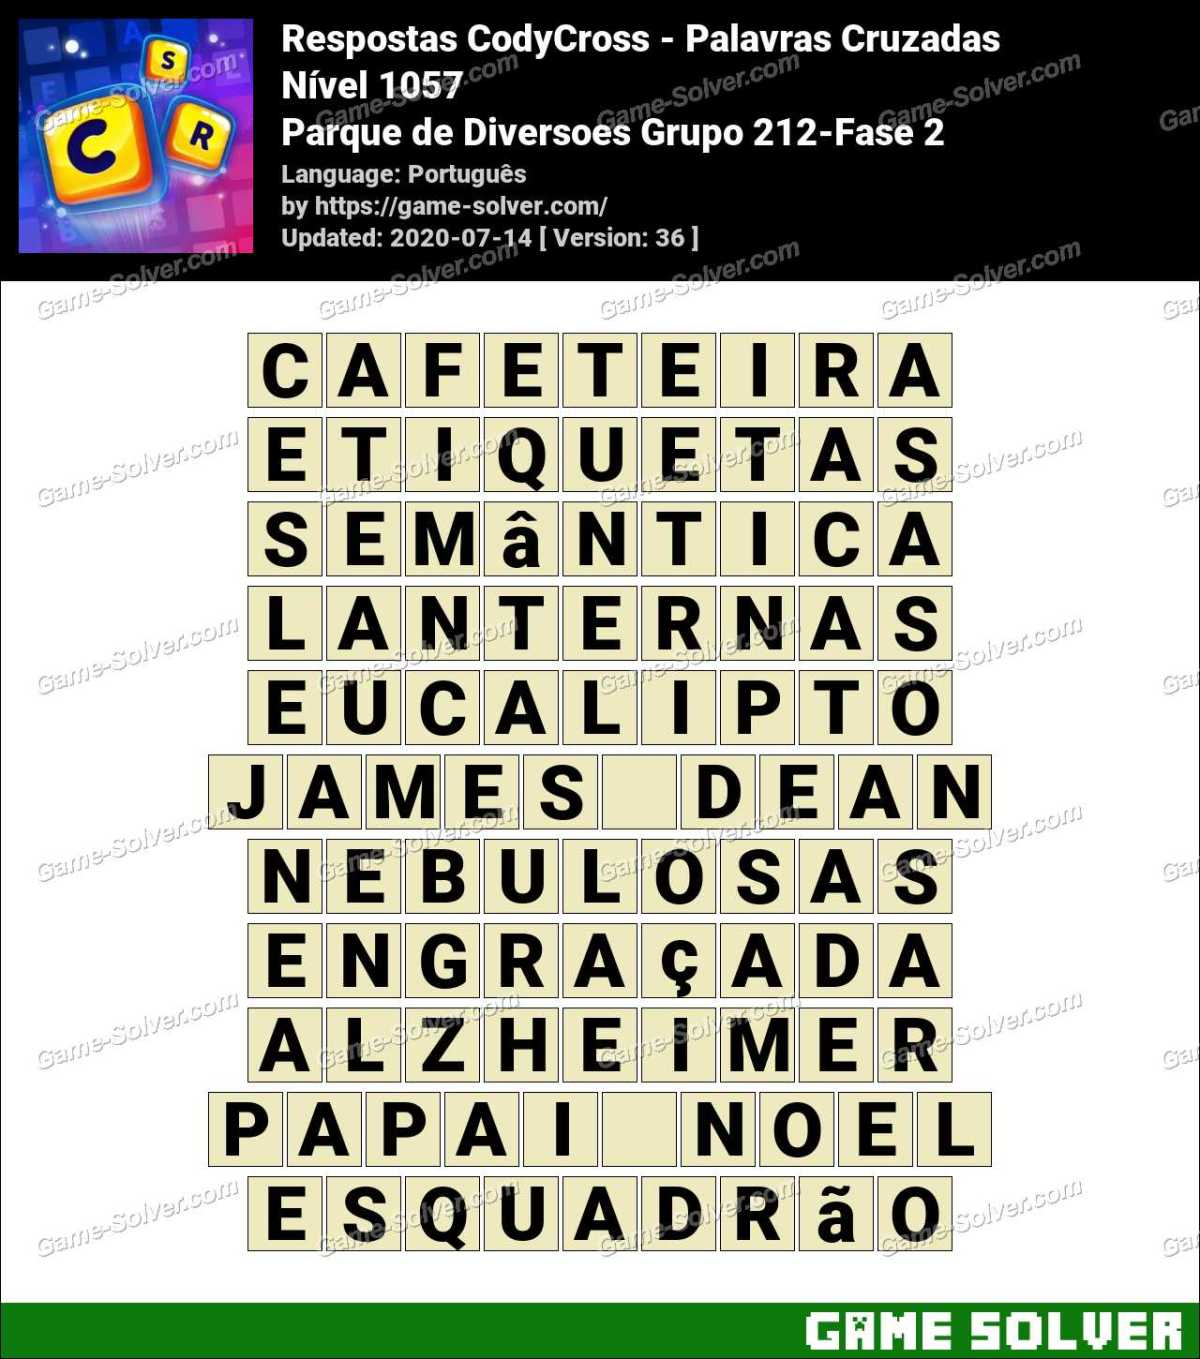 Respostas CodyCross Parque de Diversoes Grupo 212-Fase 2